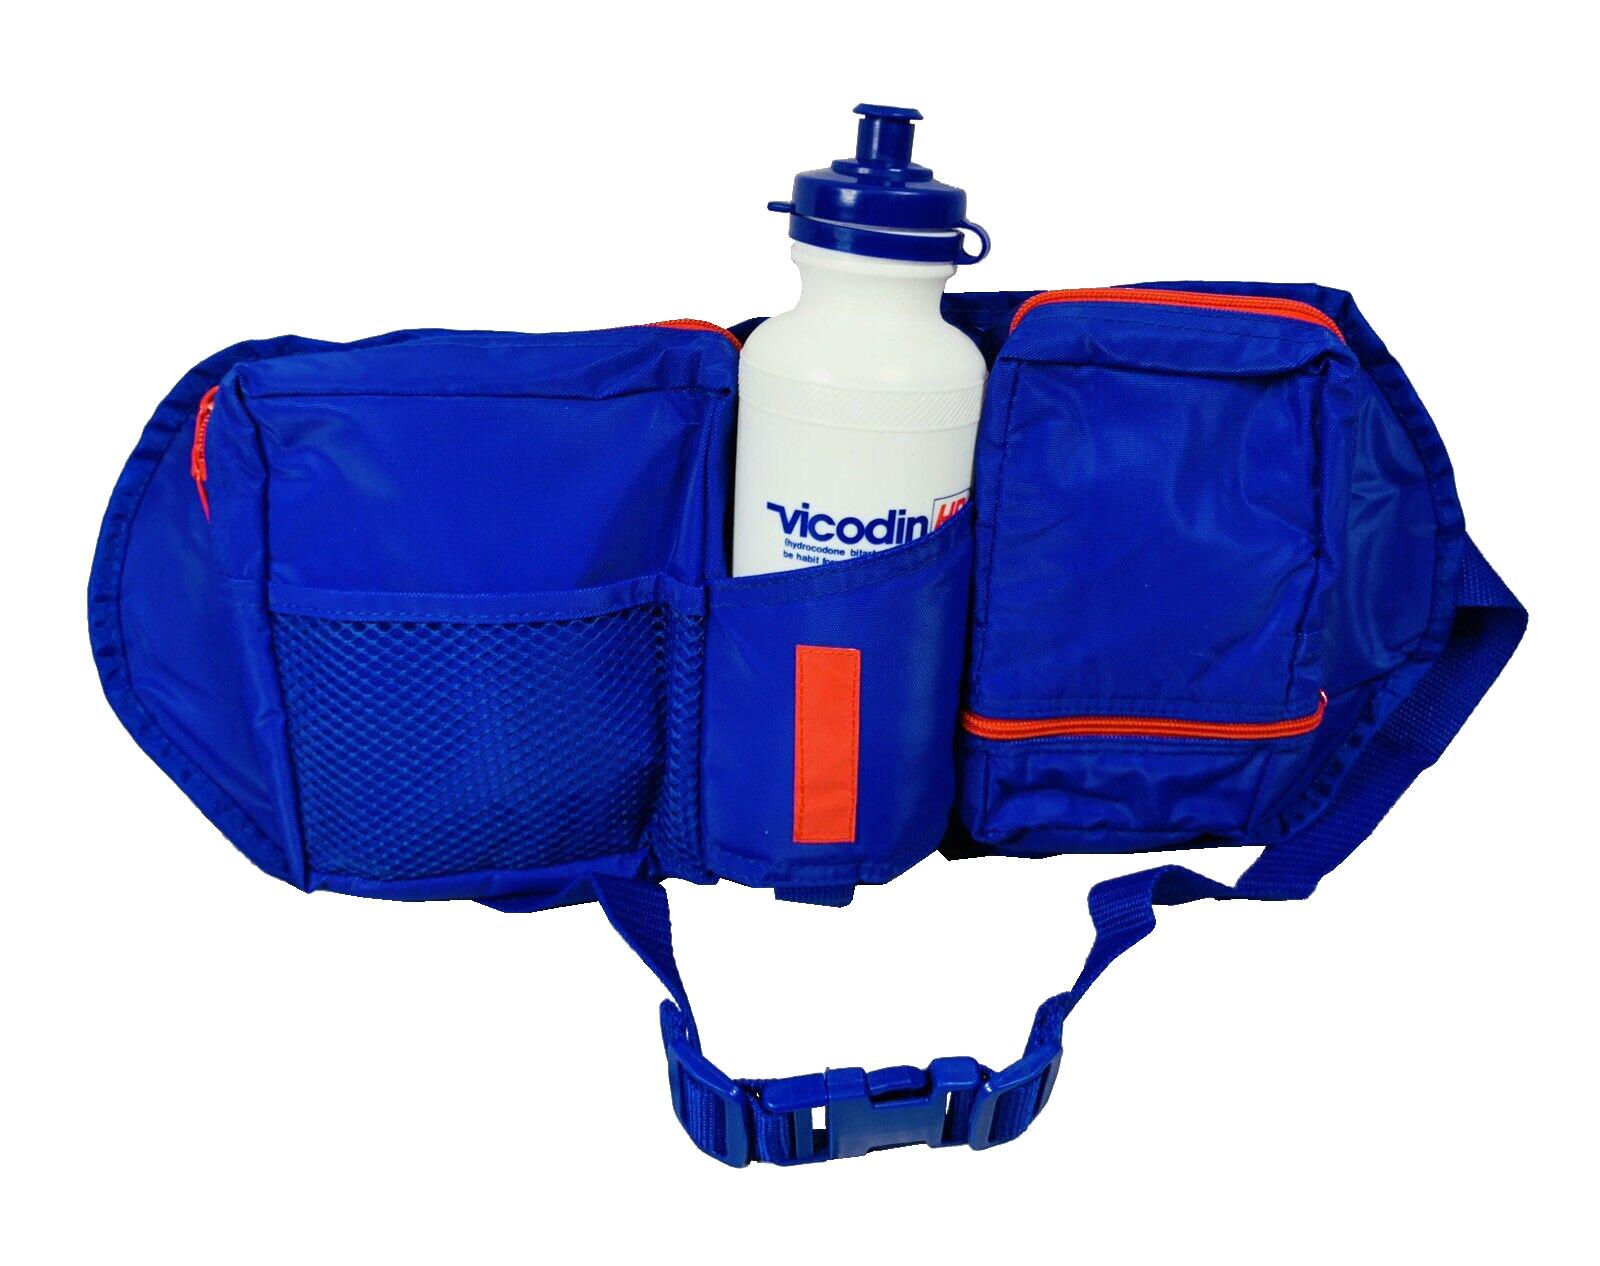 vic bag bottle.jpg